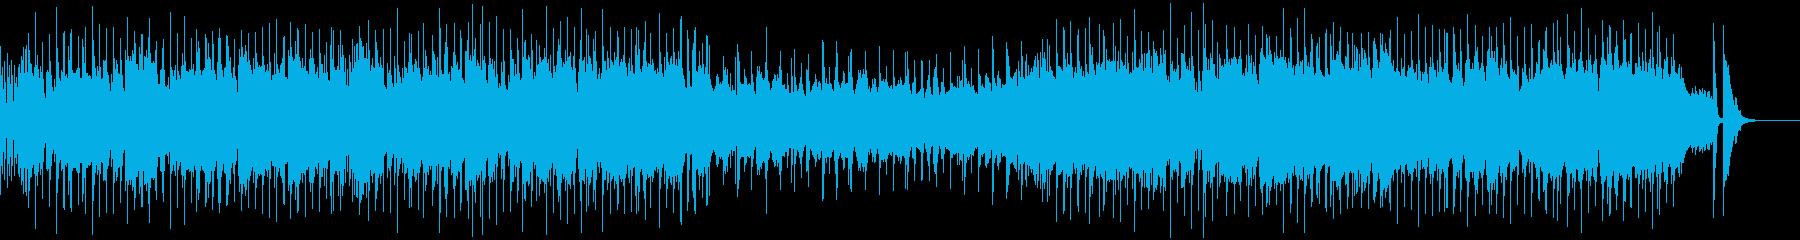 ビッグバンド風の賑やかなブルースロックの再生済みの波形